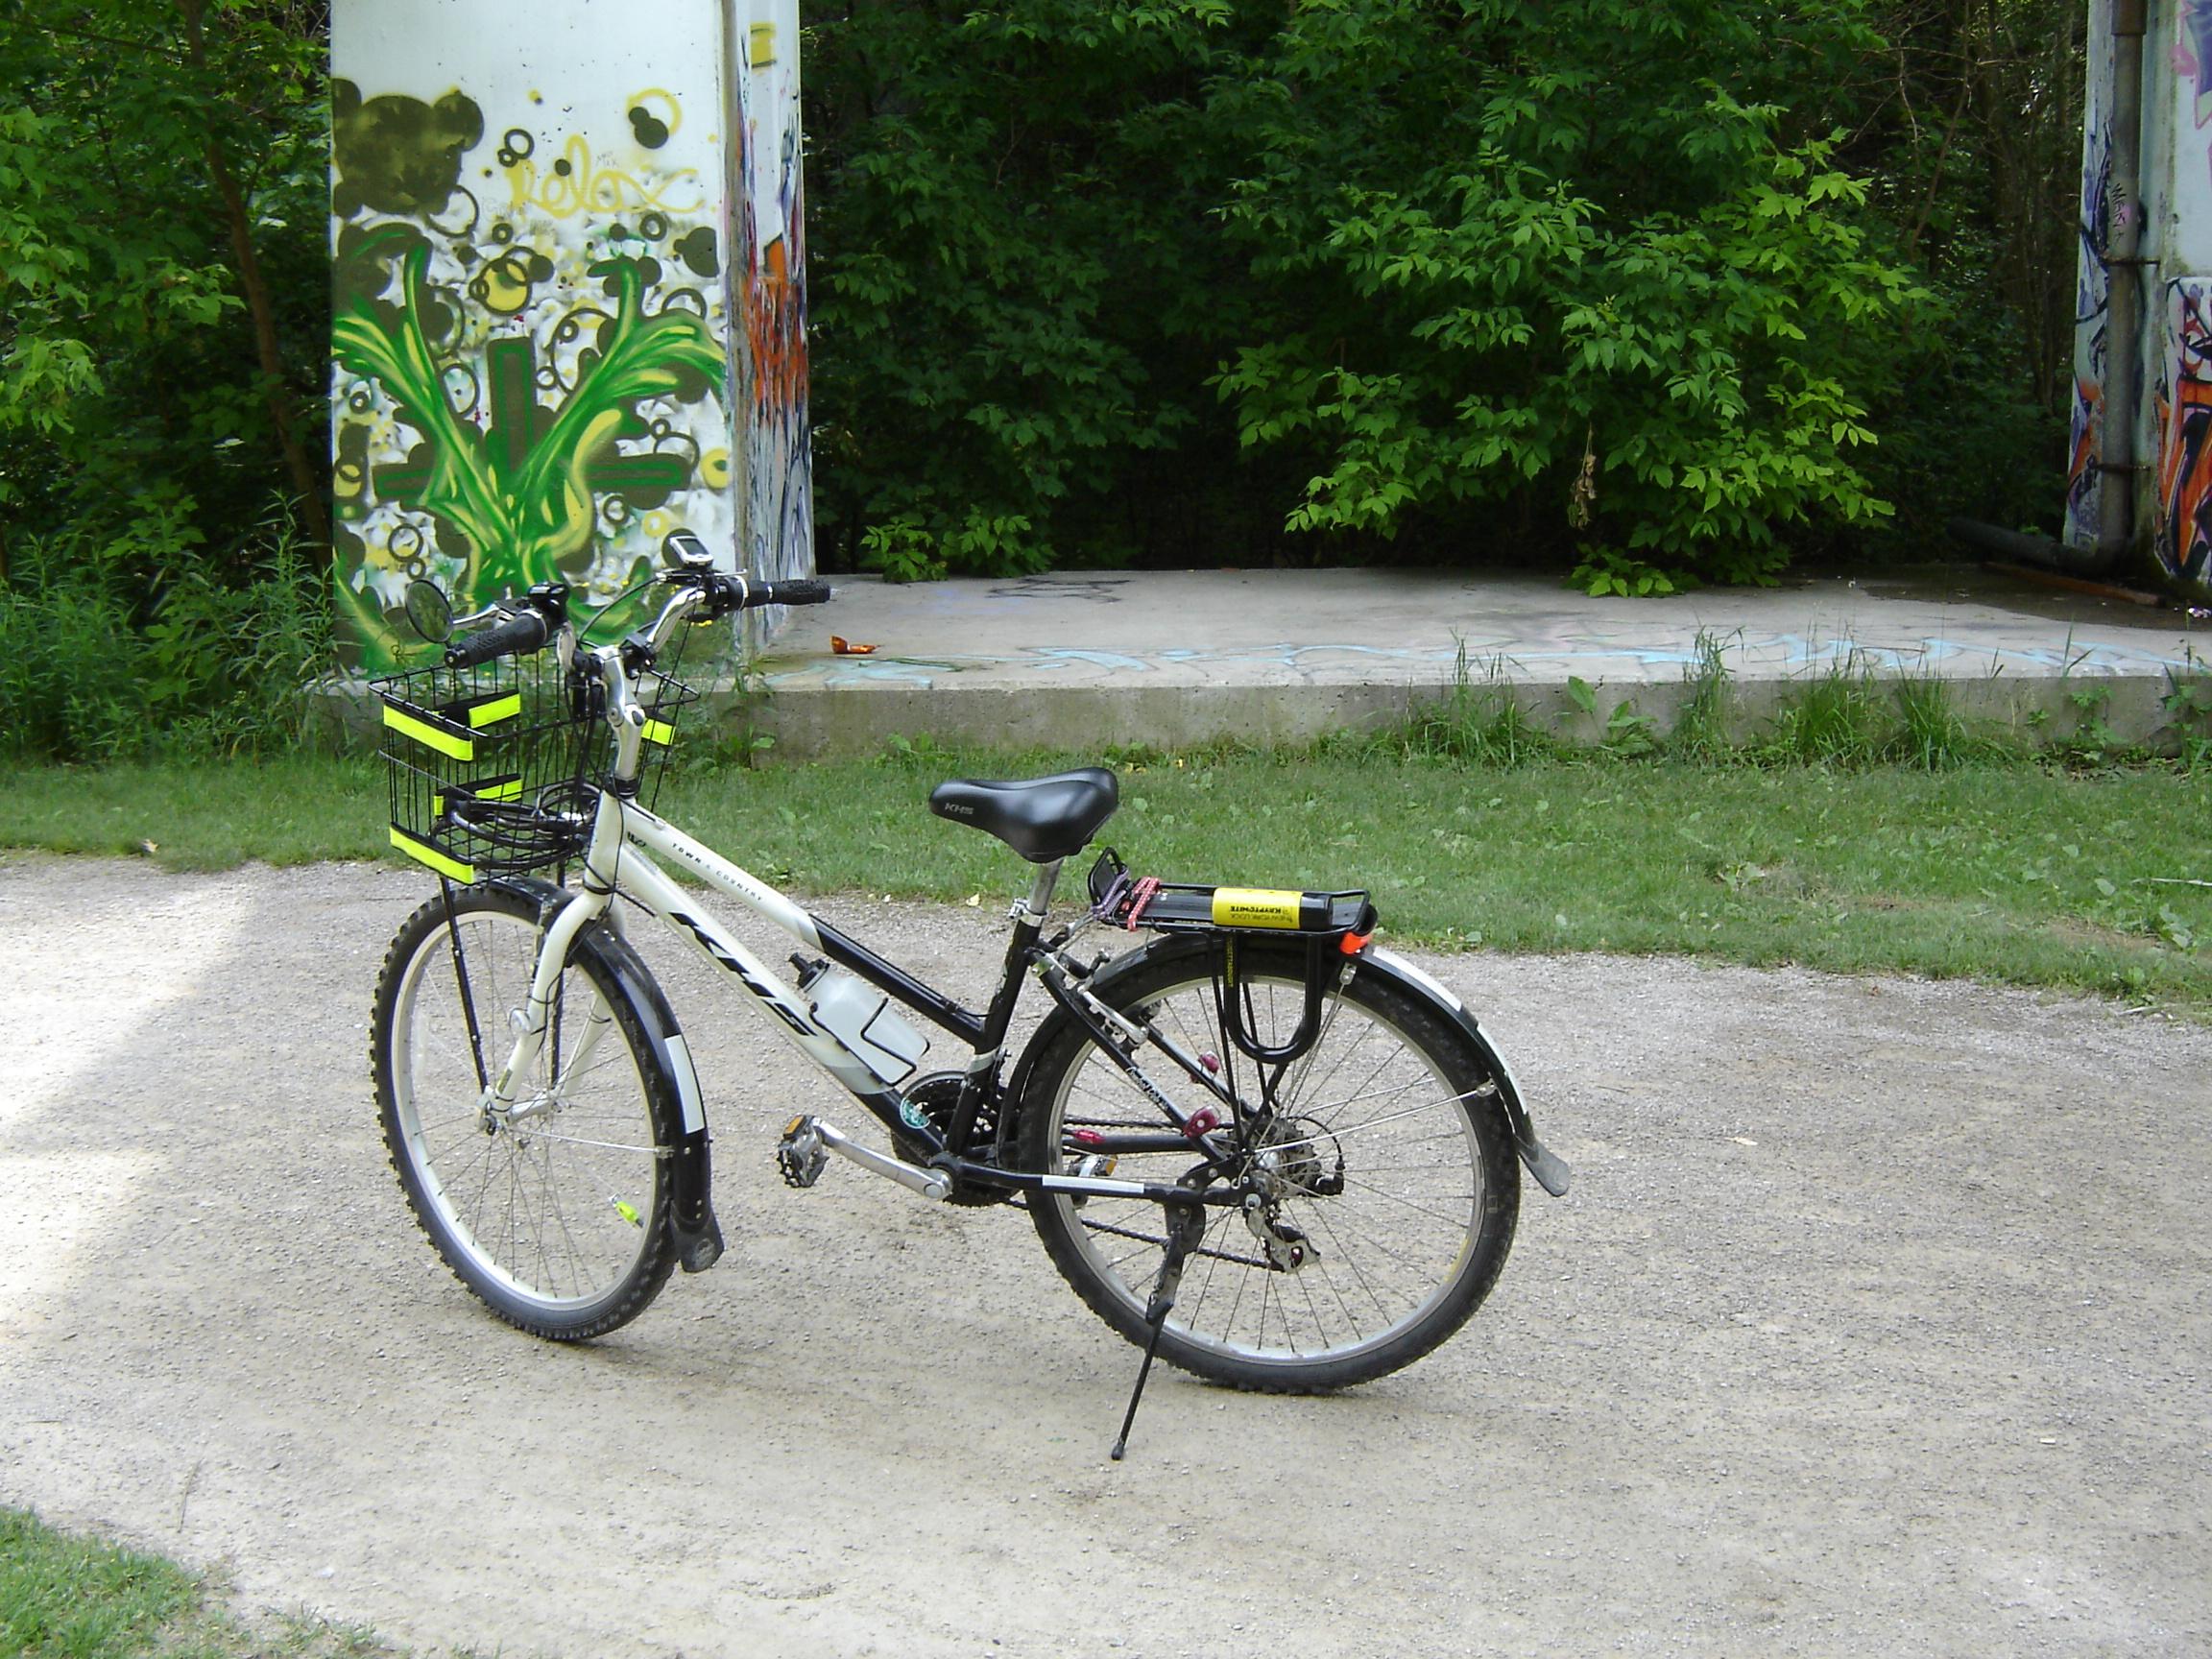 My bike near Glen Cedar Road bridge